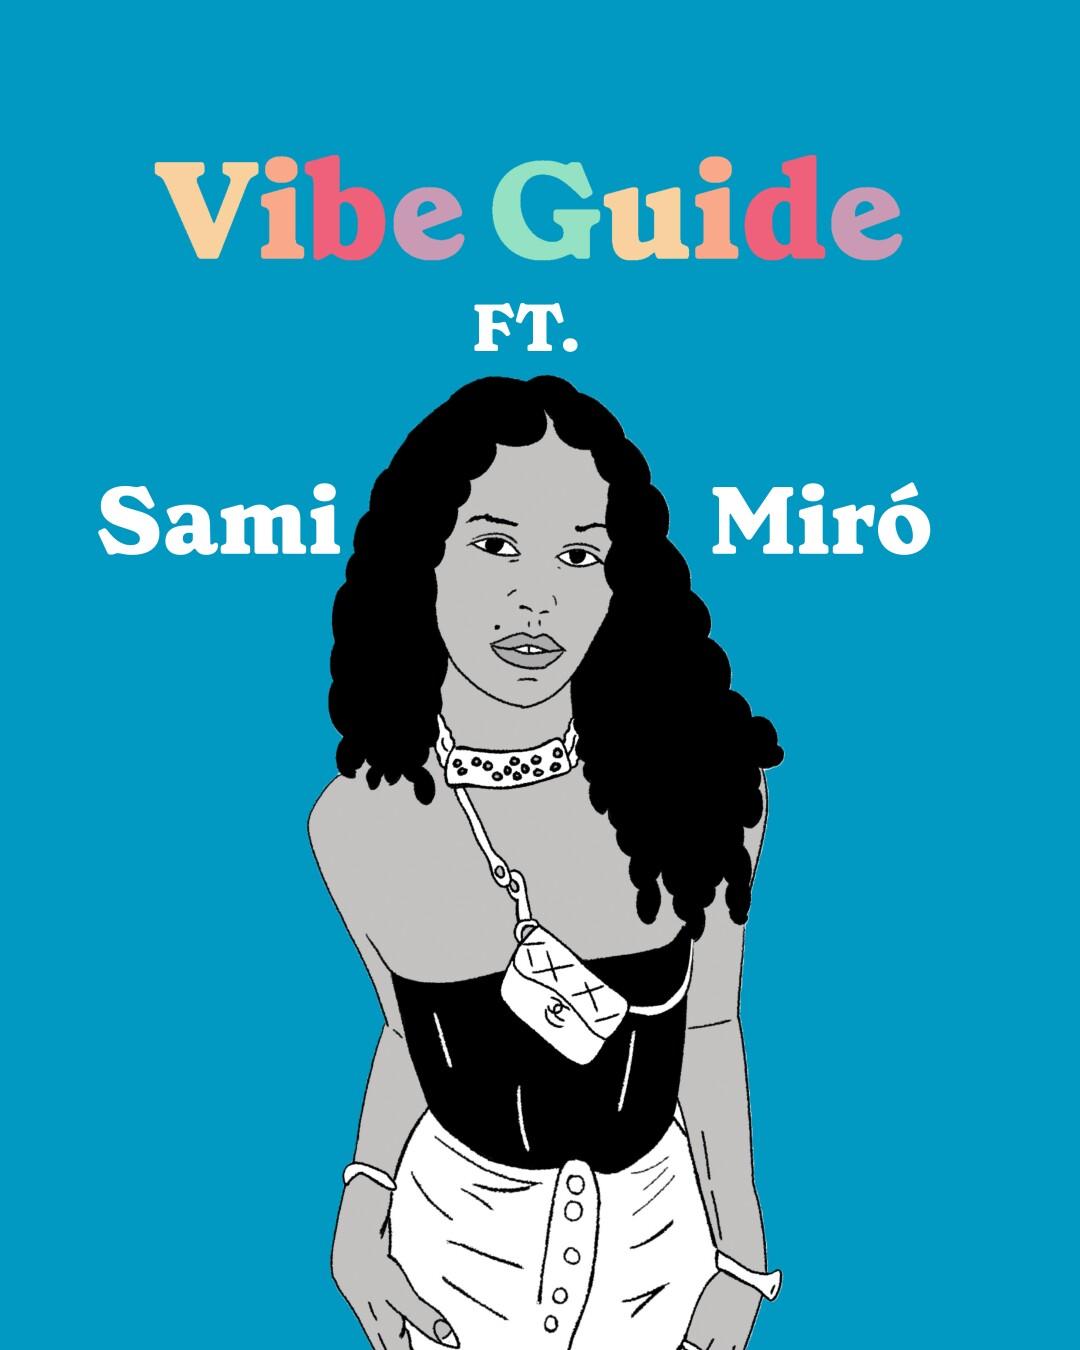 Illustration of Sami Miró